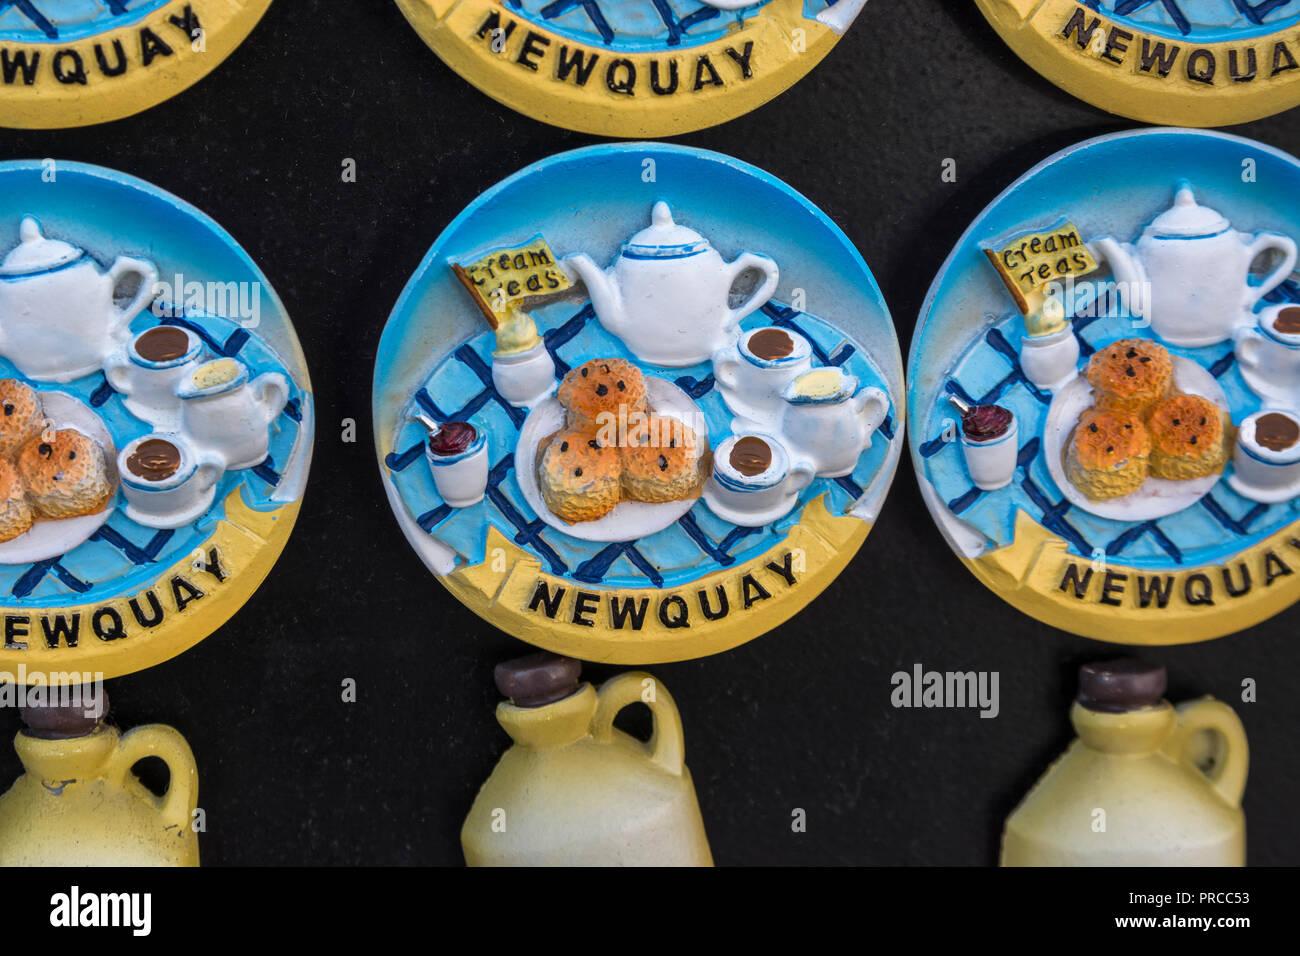 Cornwall Souvenirs Imágenes De Stock   Cornwall Souvenirs Fotos De ... b9f0255dba0a4